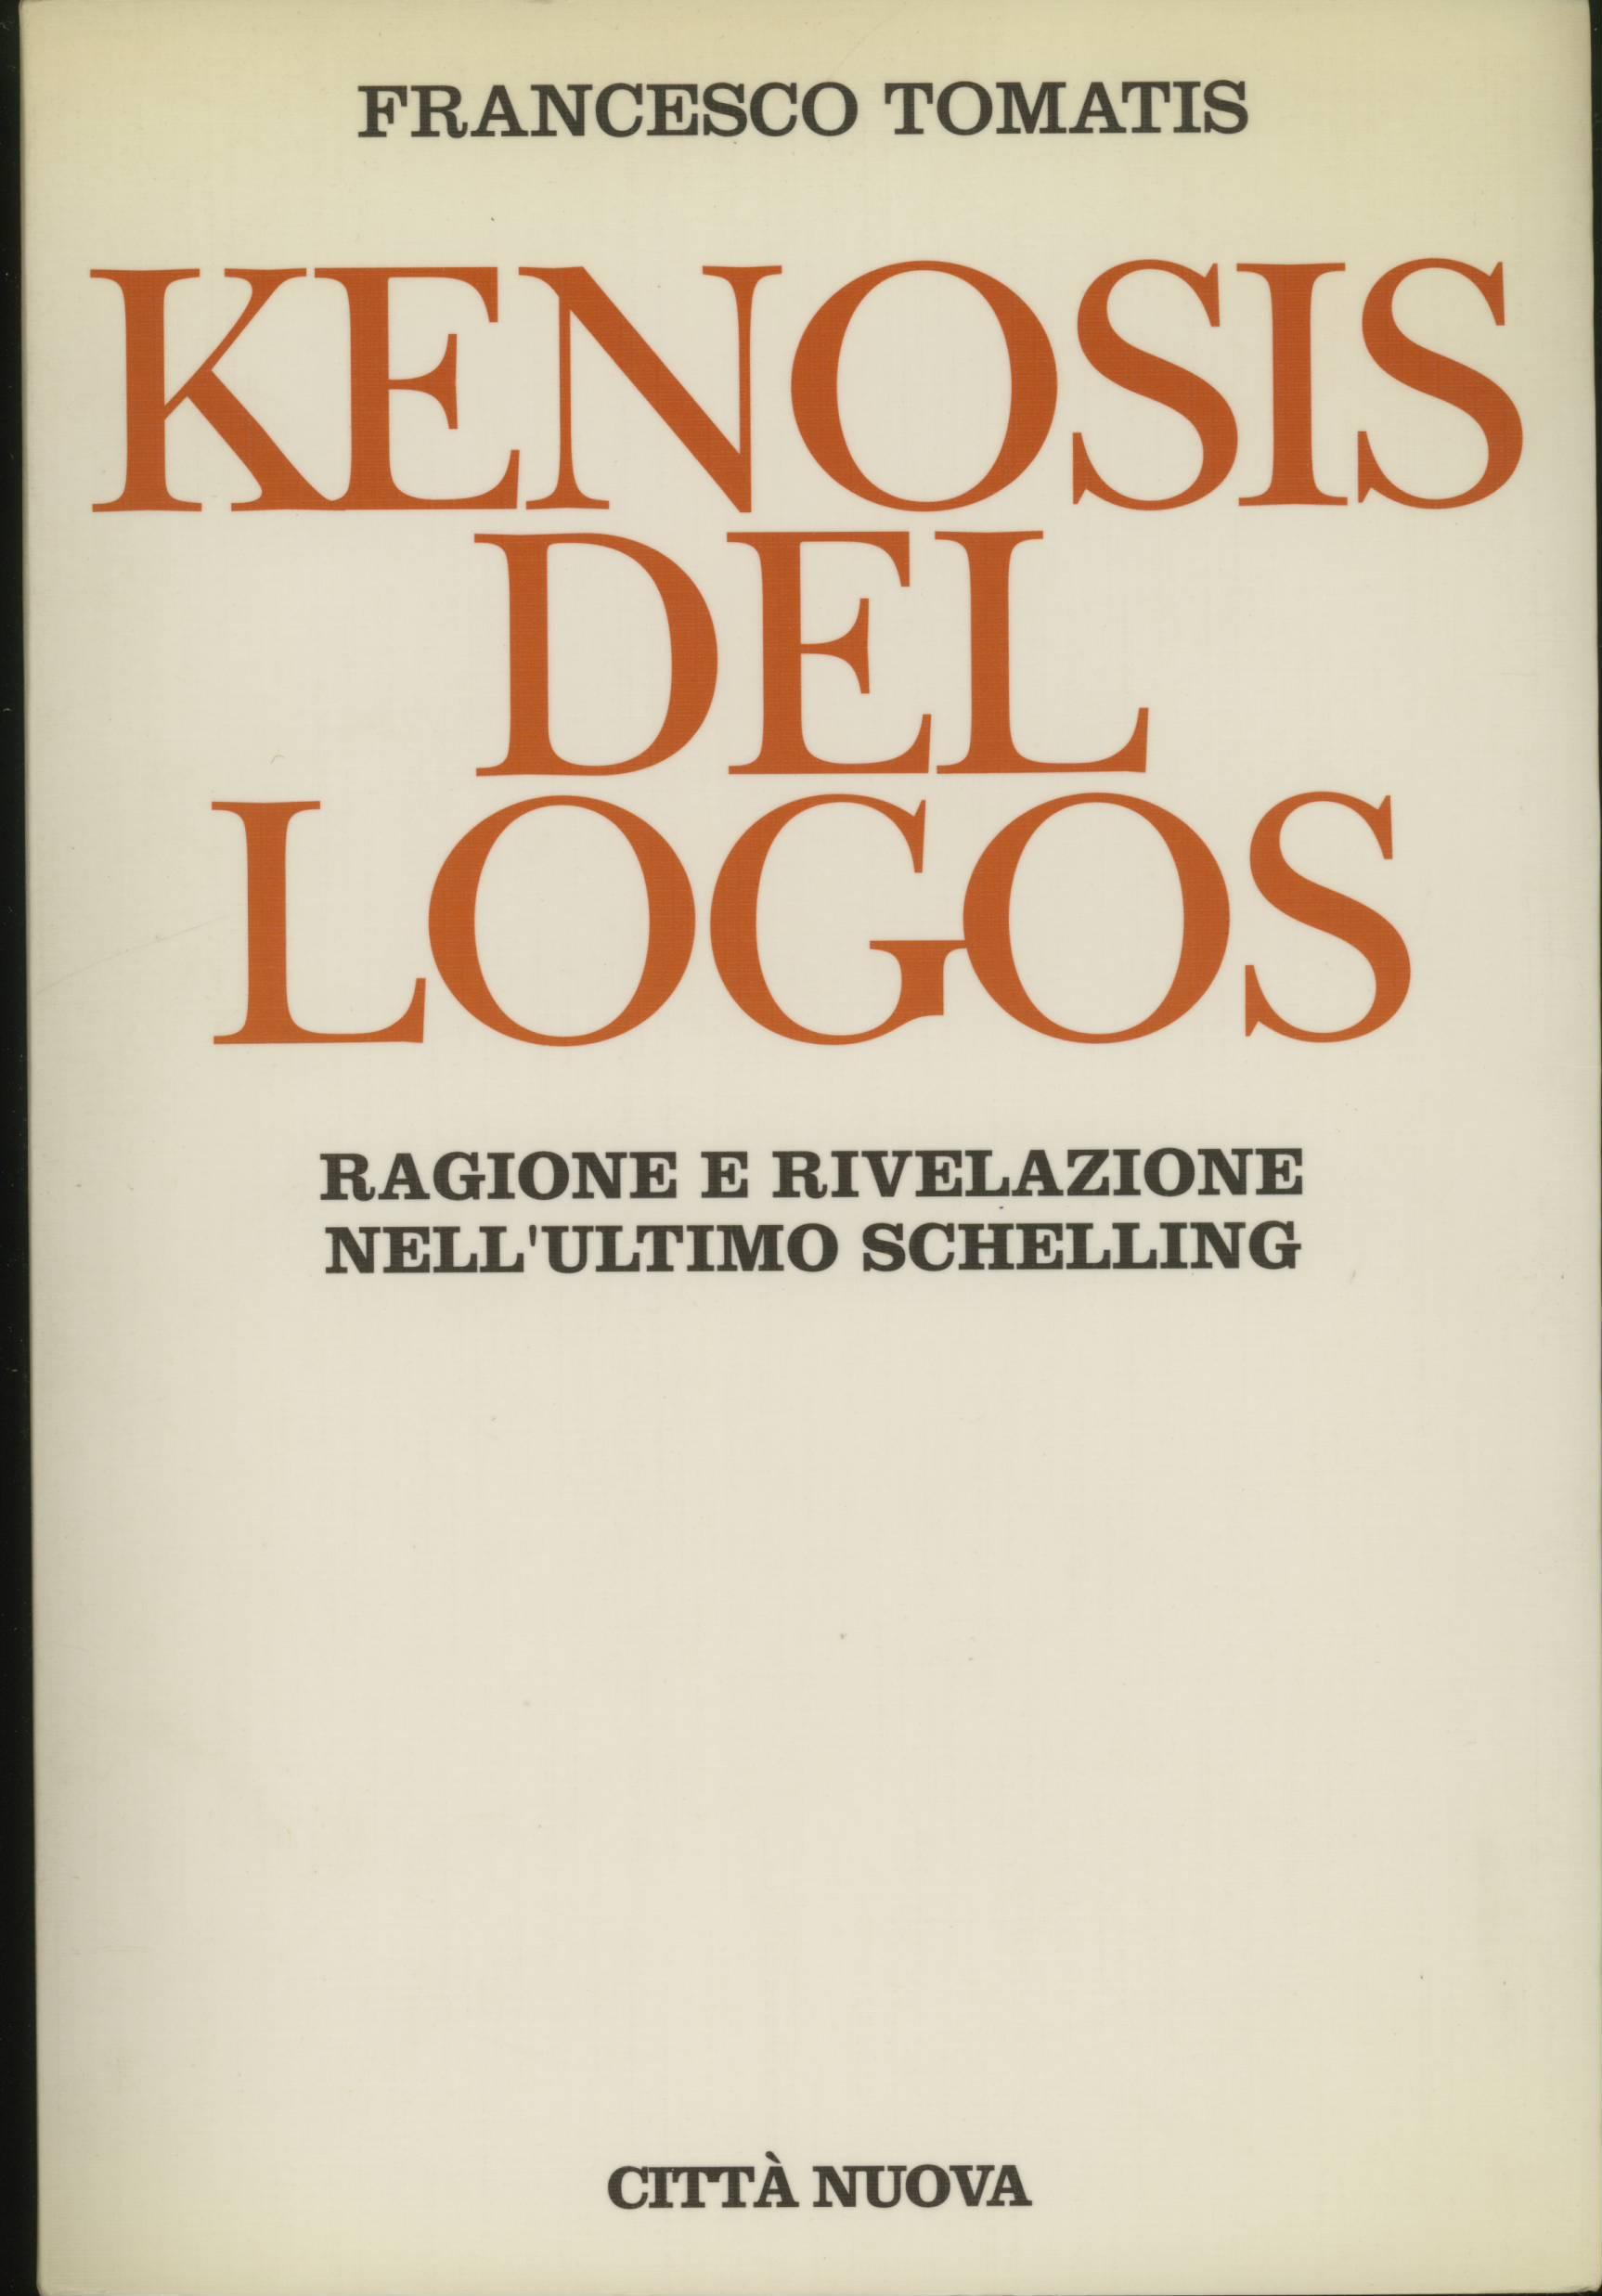 Kenosis del logos